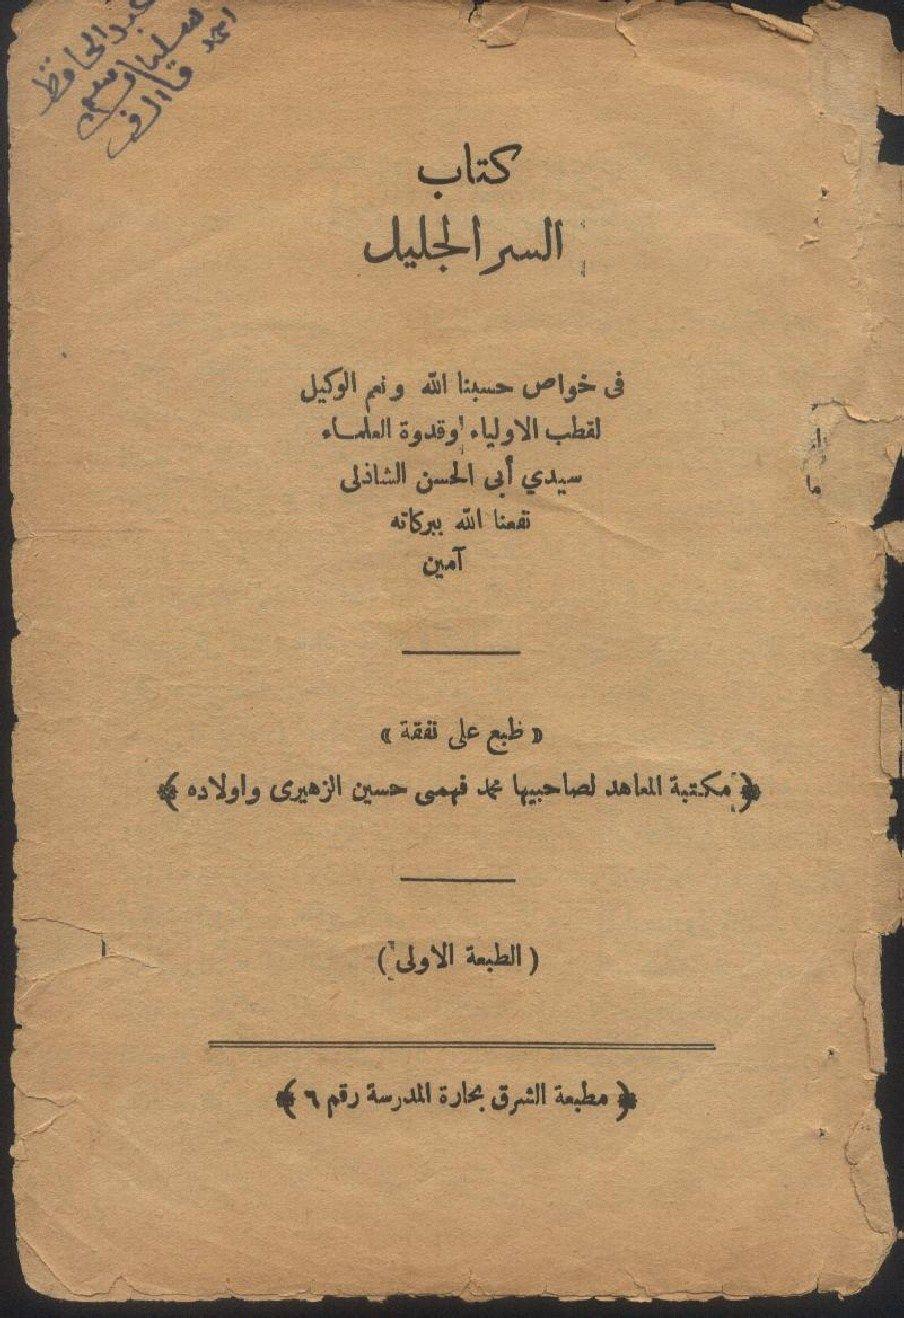 تحميل كتاب السر الجليل في خواص حسبنا الله ونعم الوكيل pdf